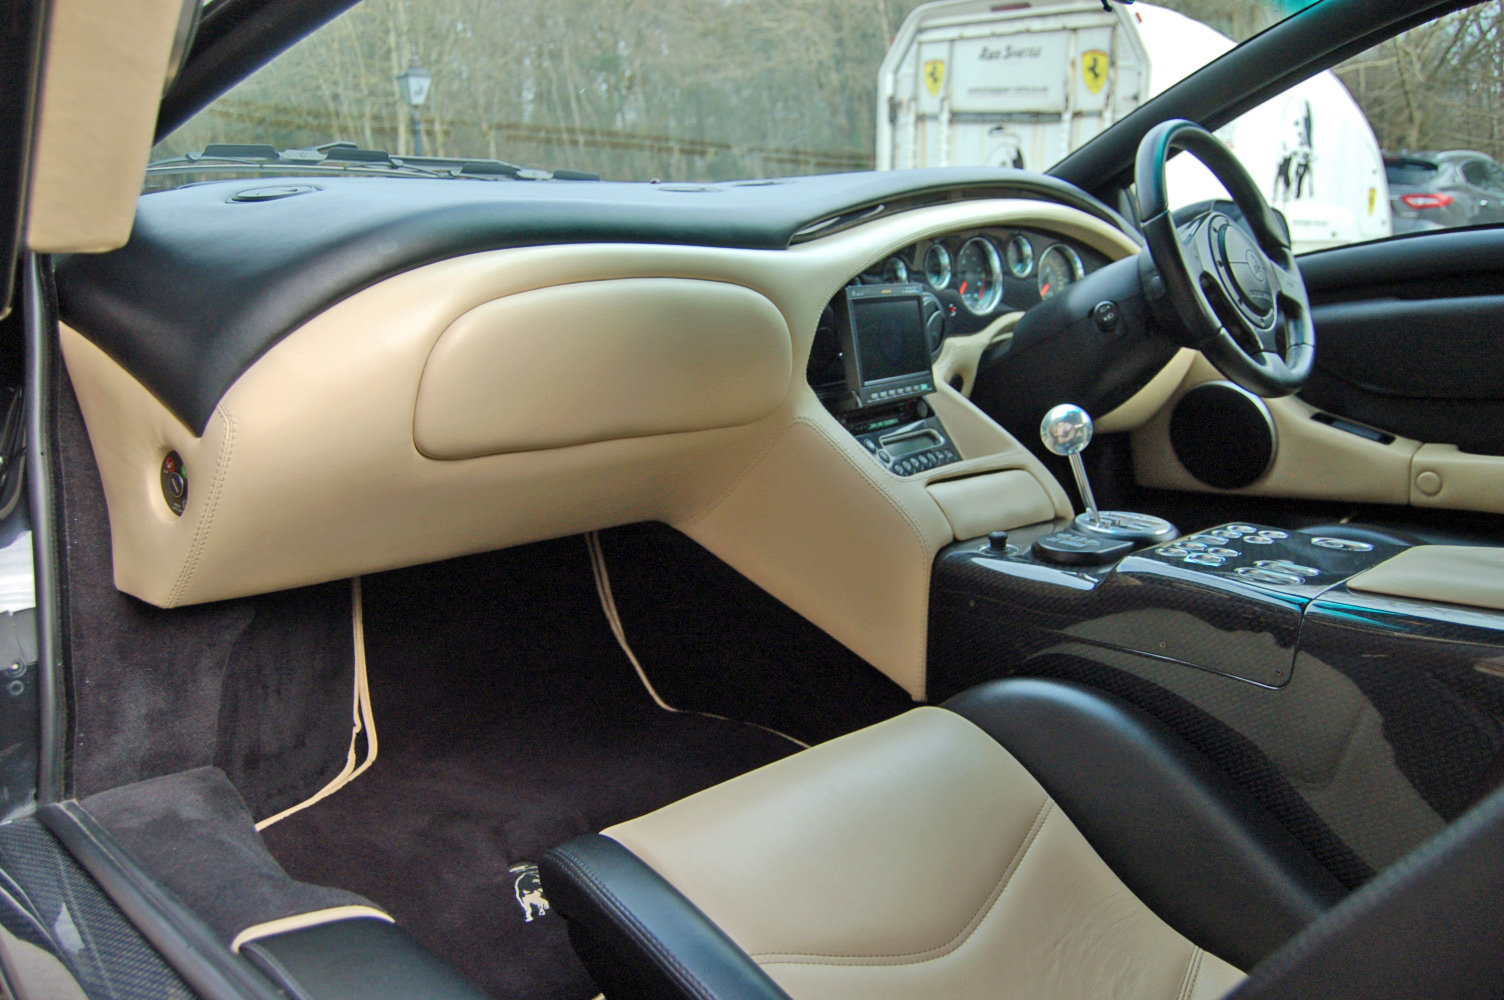 2001 Lamborghini Diablo 6.0 (UK Supplied) For Sale (picture 3 of 6)